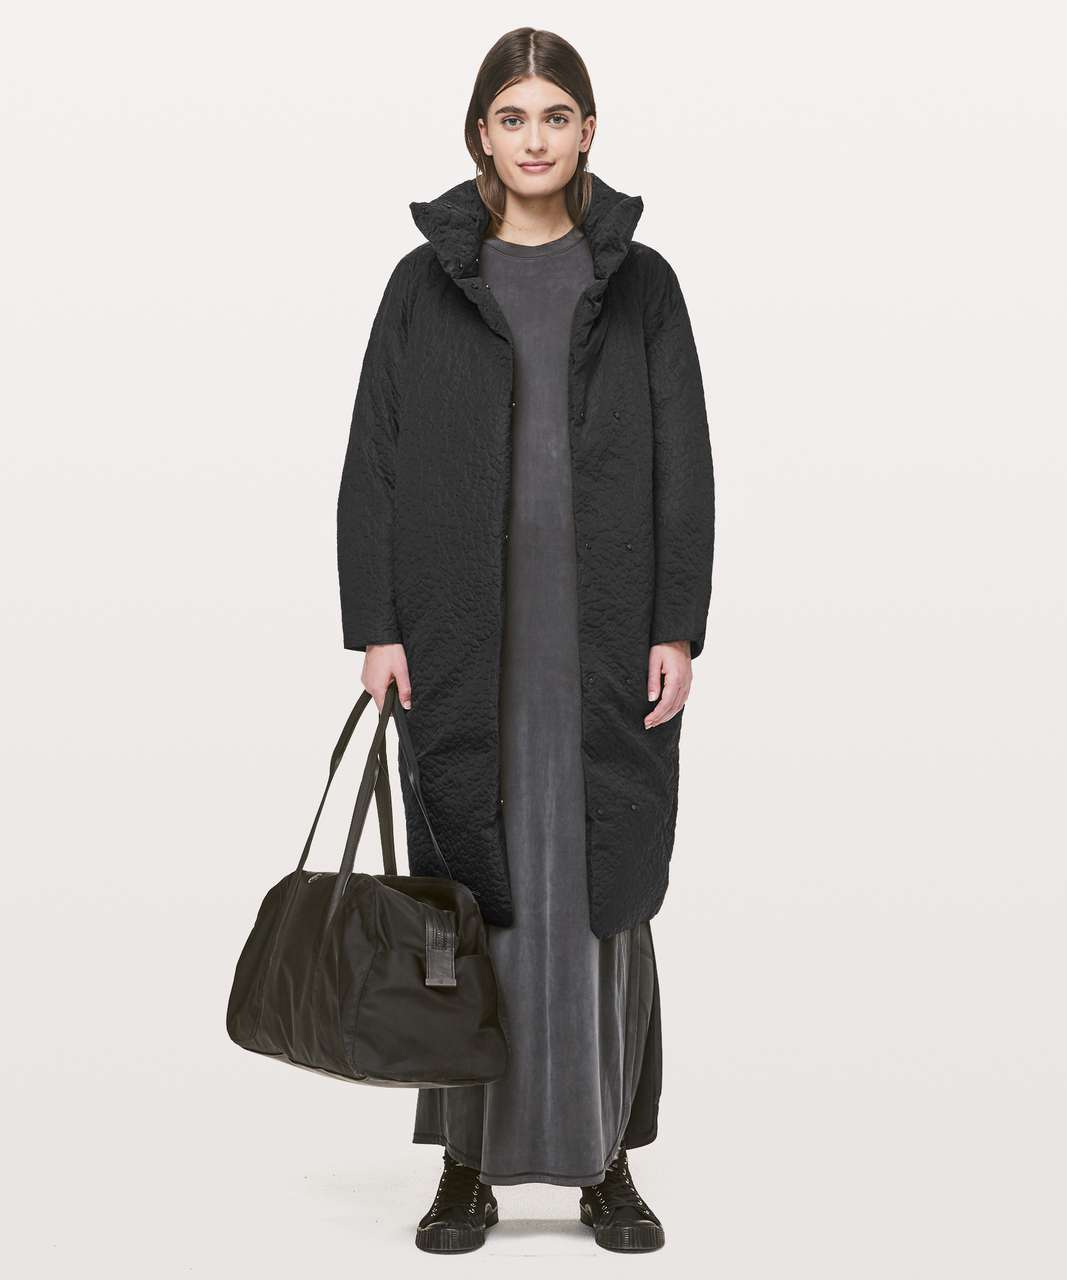 Lululemon Shiwa Long Puff - Black